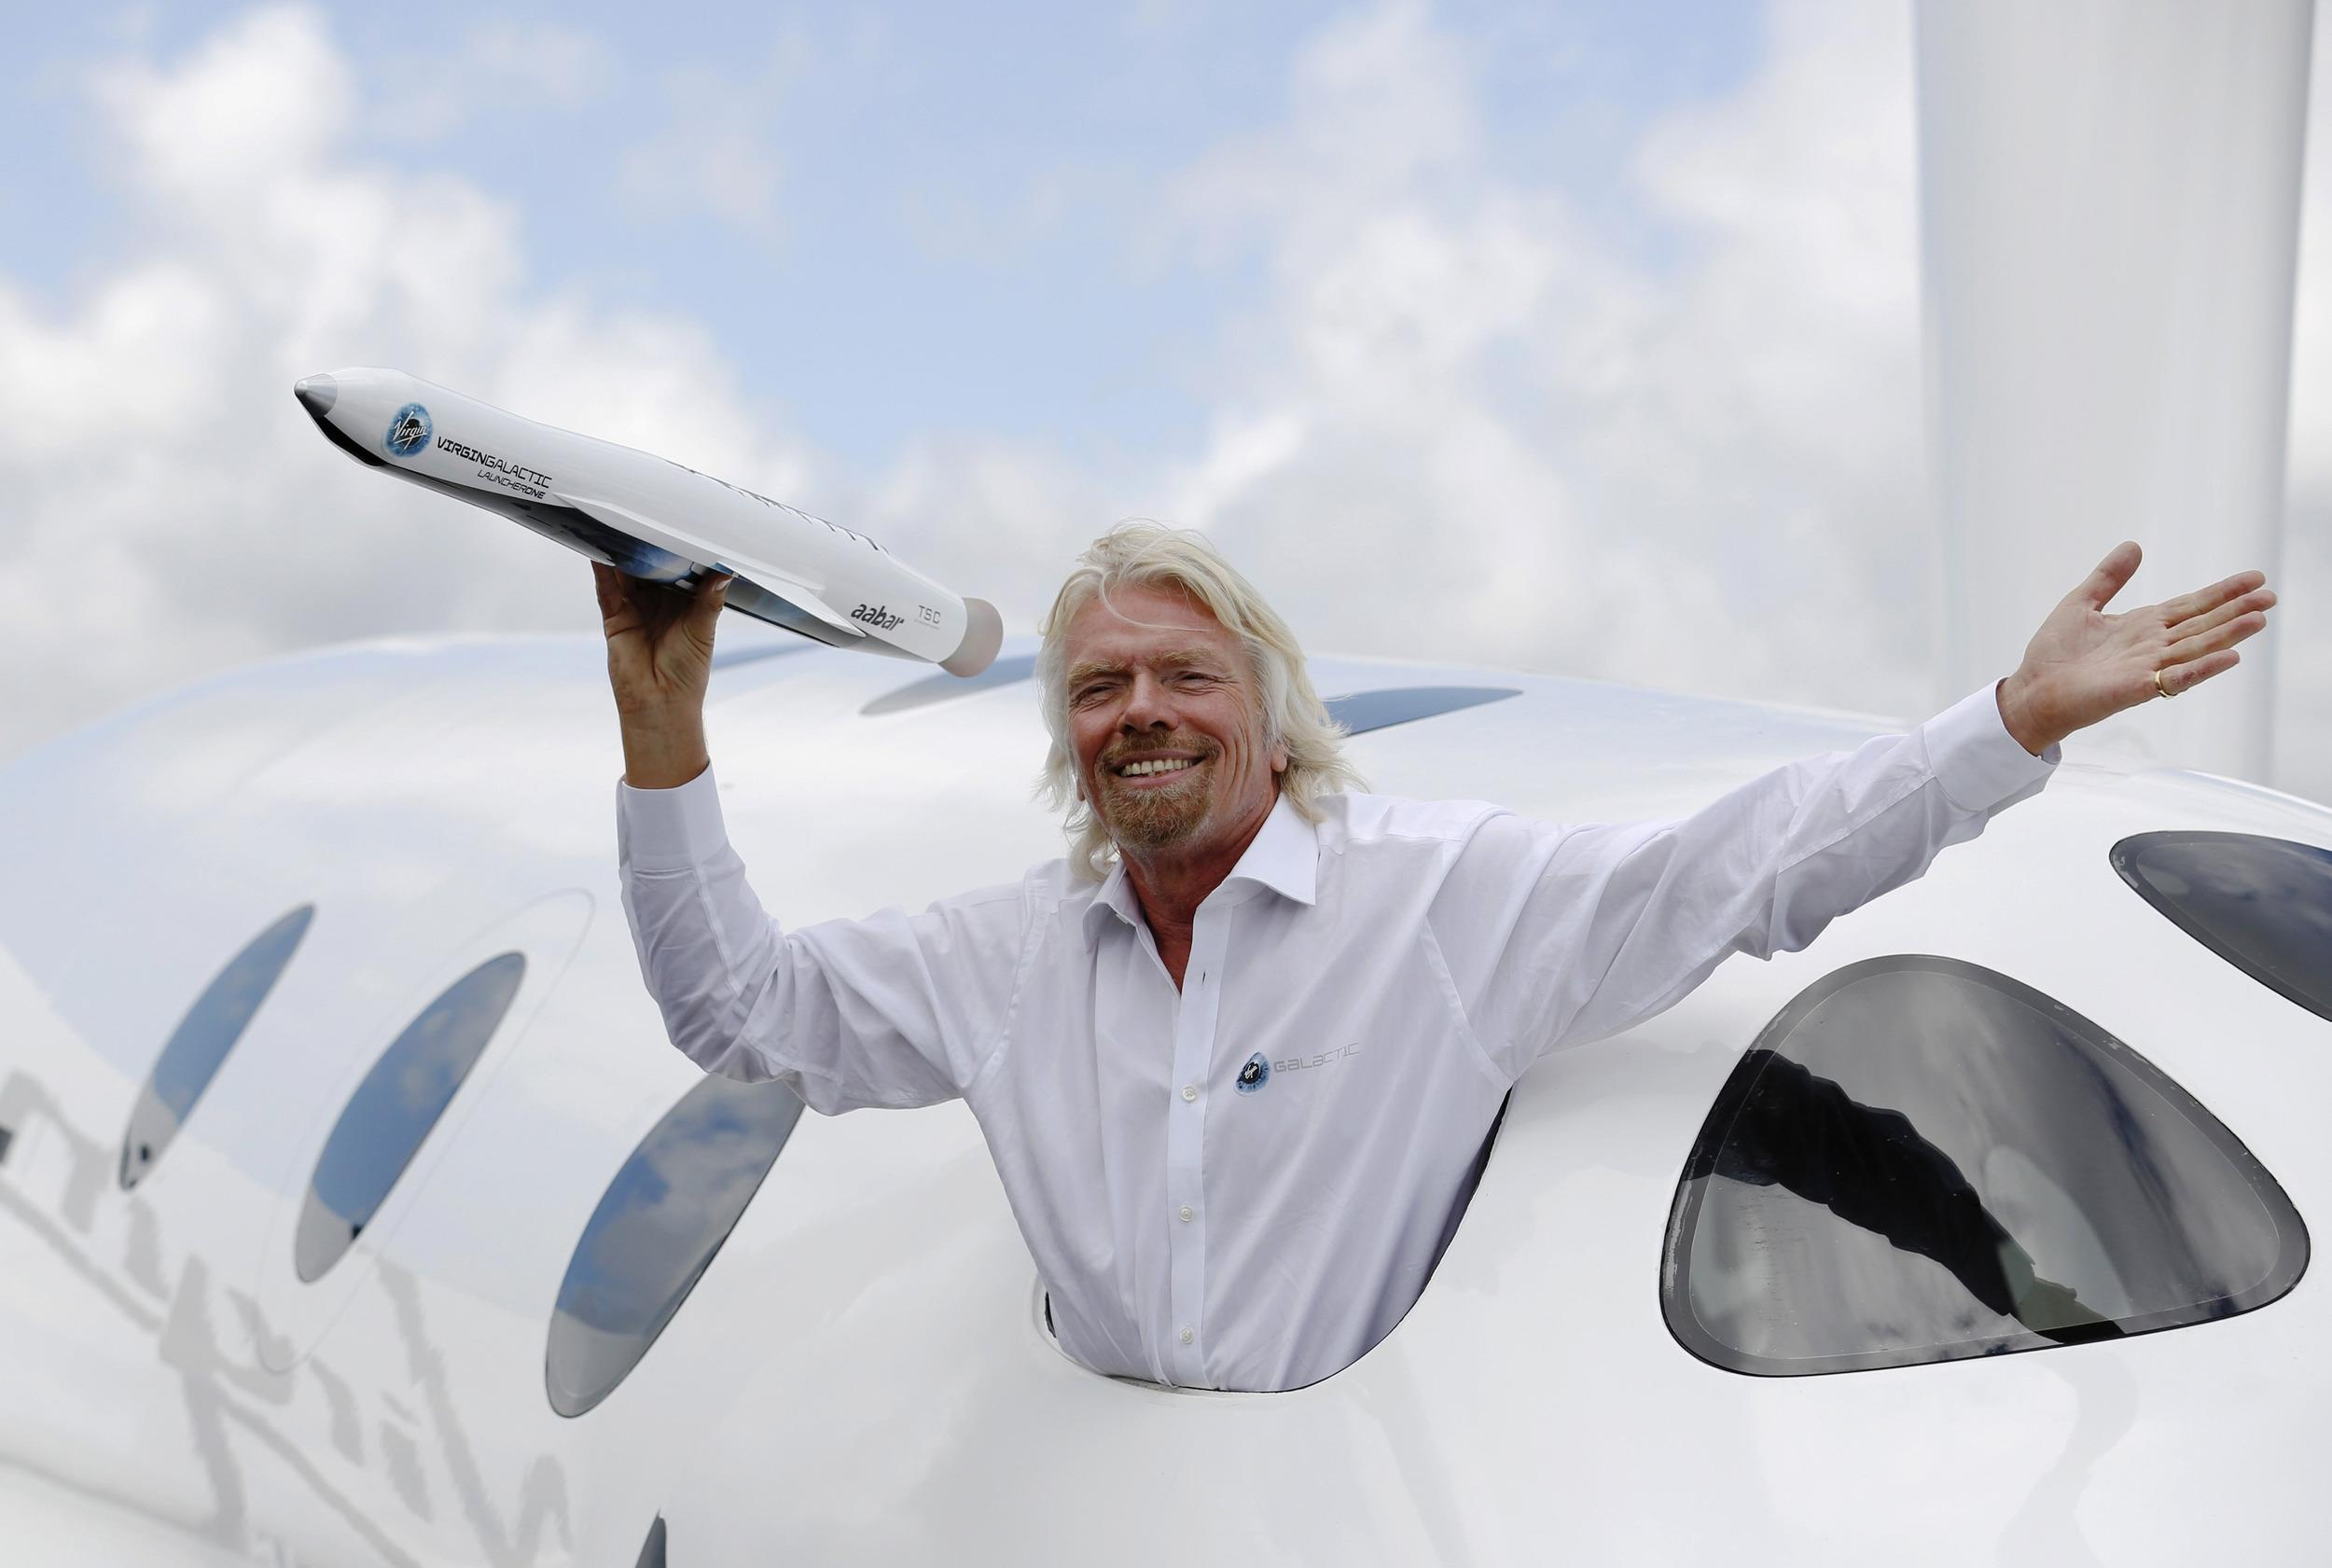 el magnate dueño de 'Virgin'